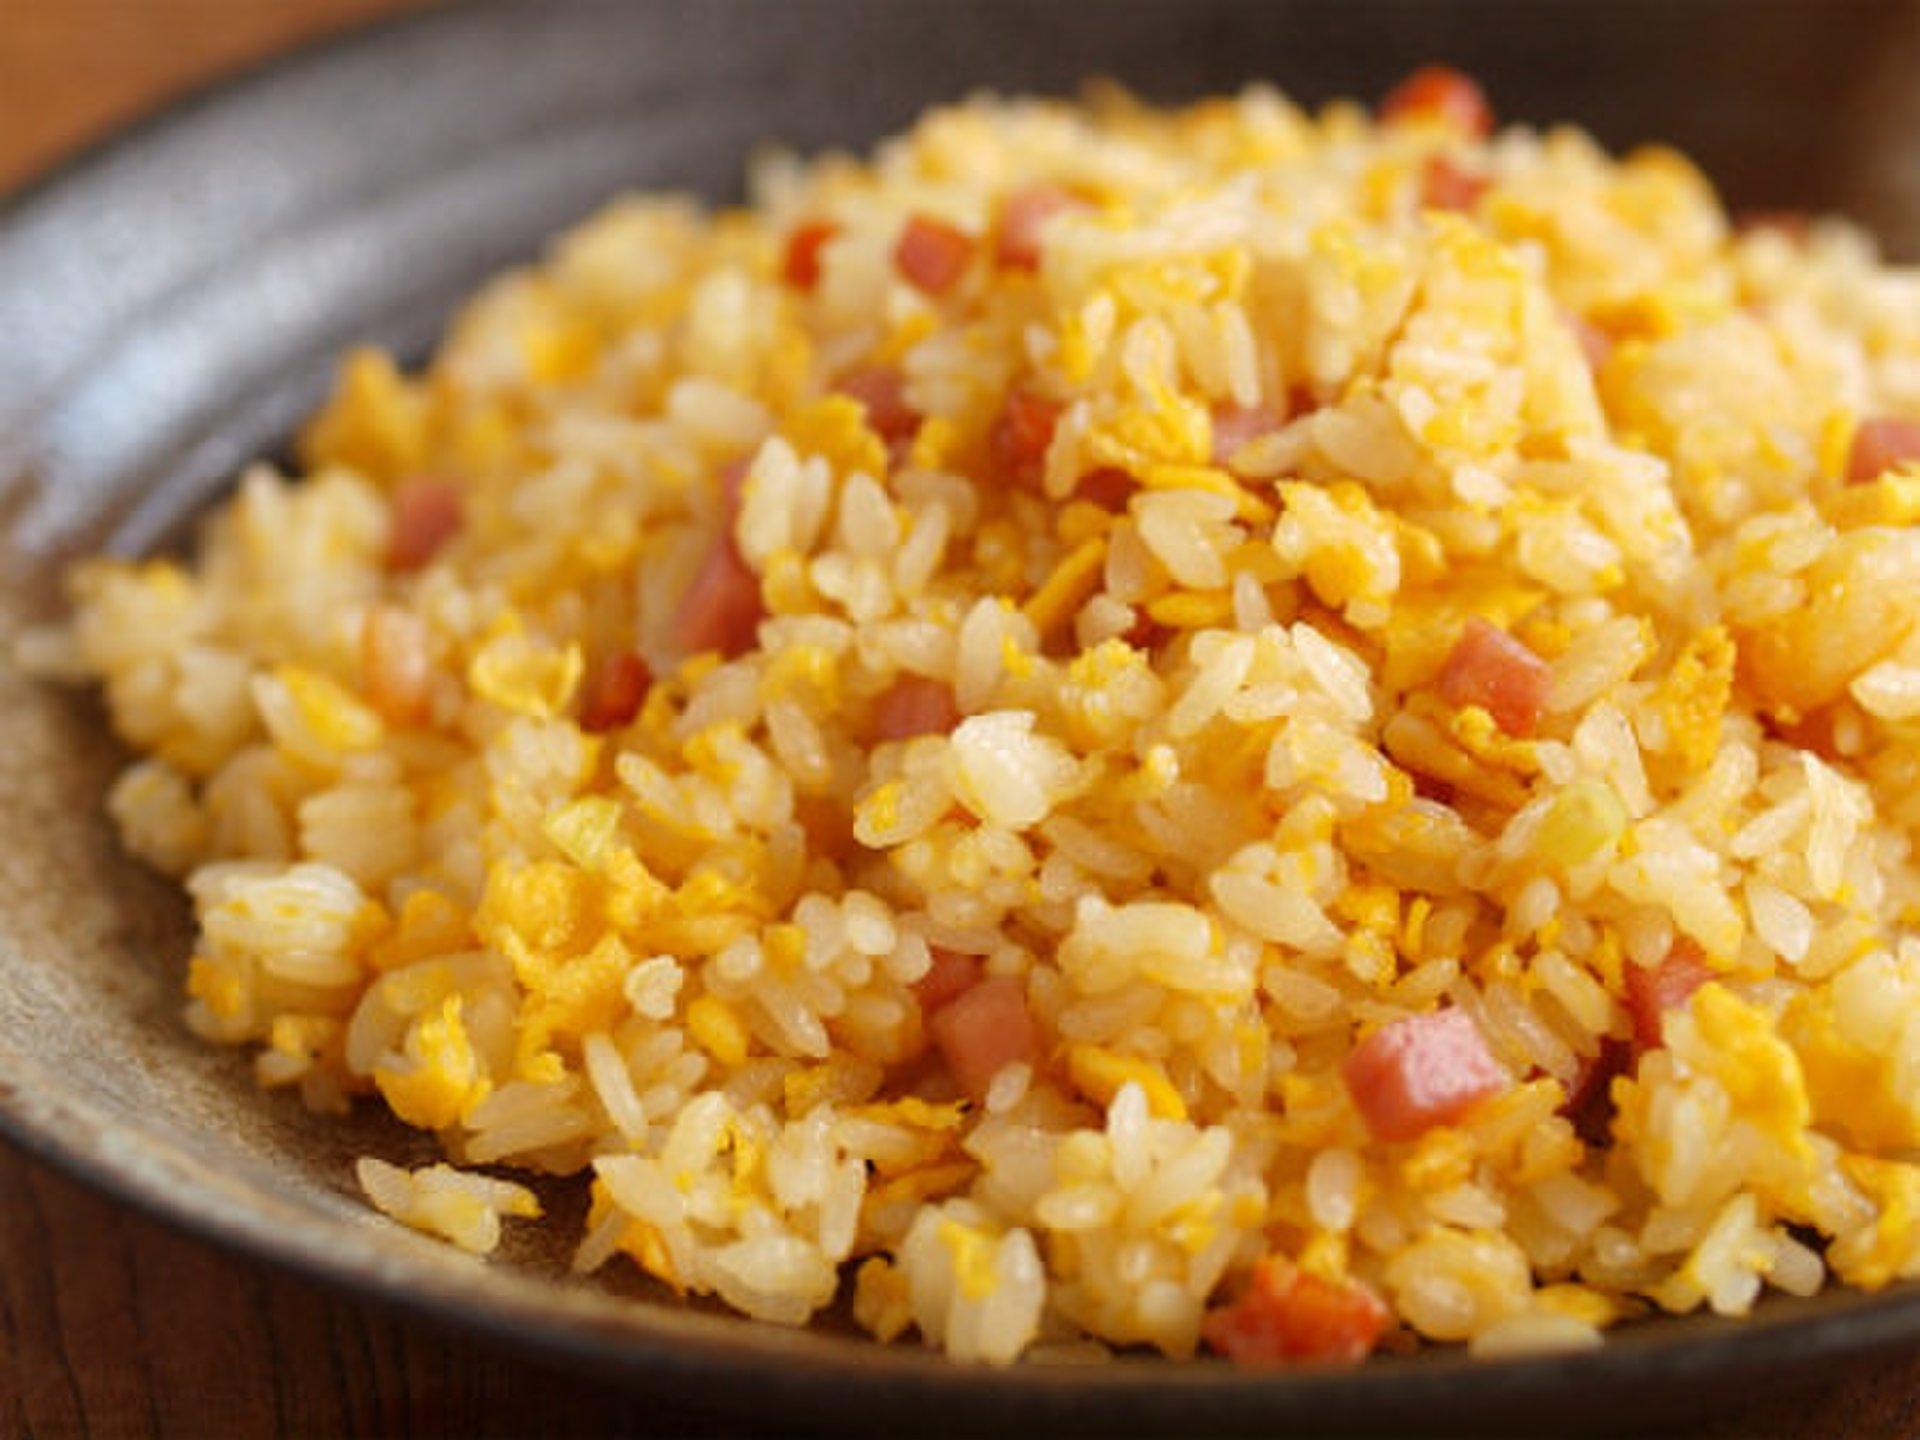 【东京最佳炒饭泡沫5选】水稻恐怖注意!因为在东京太多所以最强大的炒饭不可避免的概要!